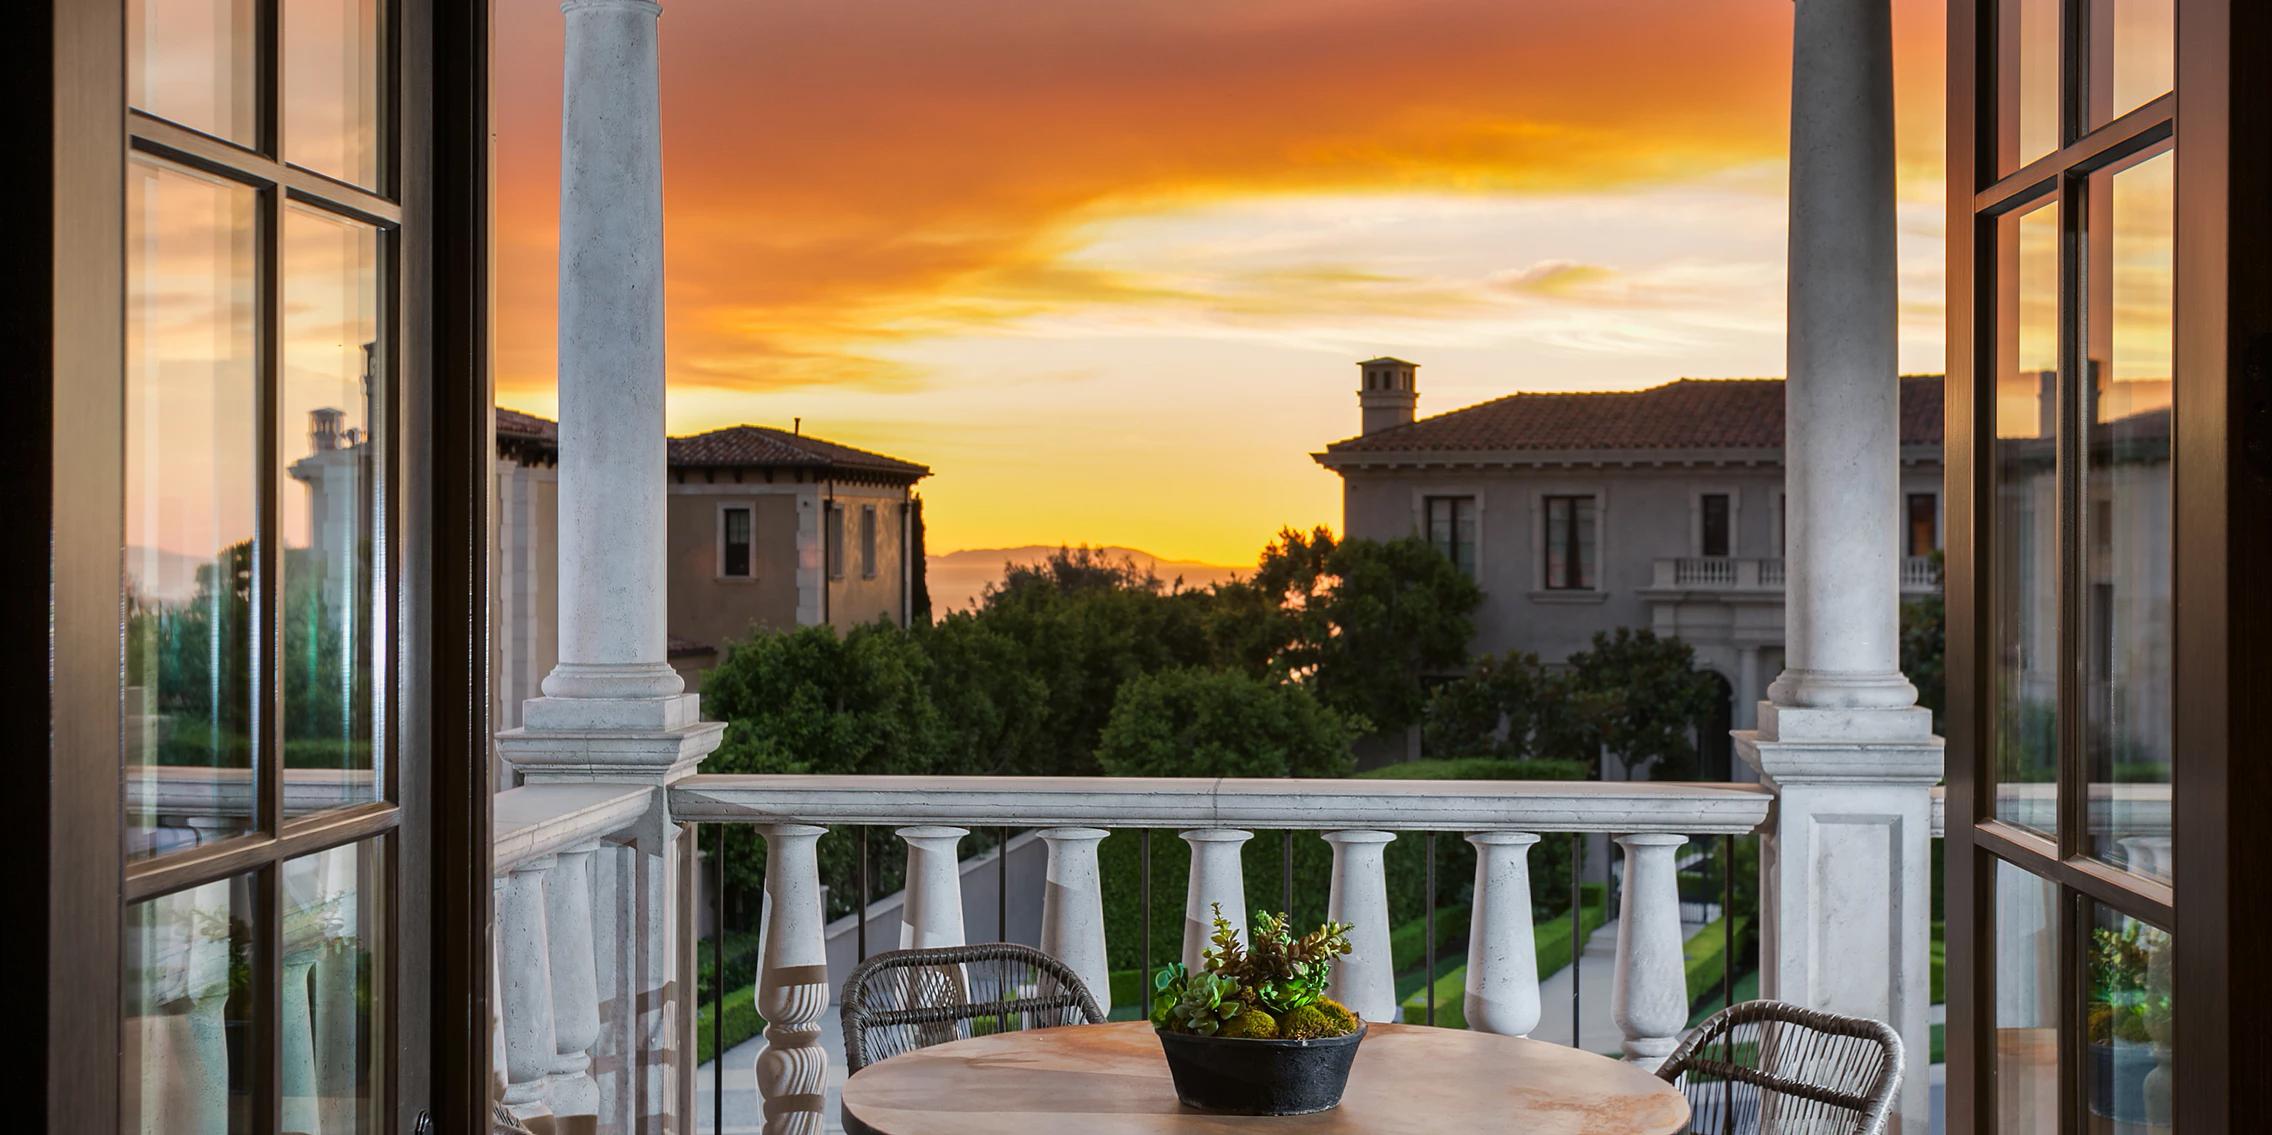 Crystal Cove - Northern Italian Villa Balcony by Oatman Architects